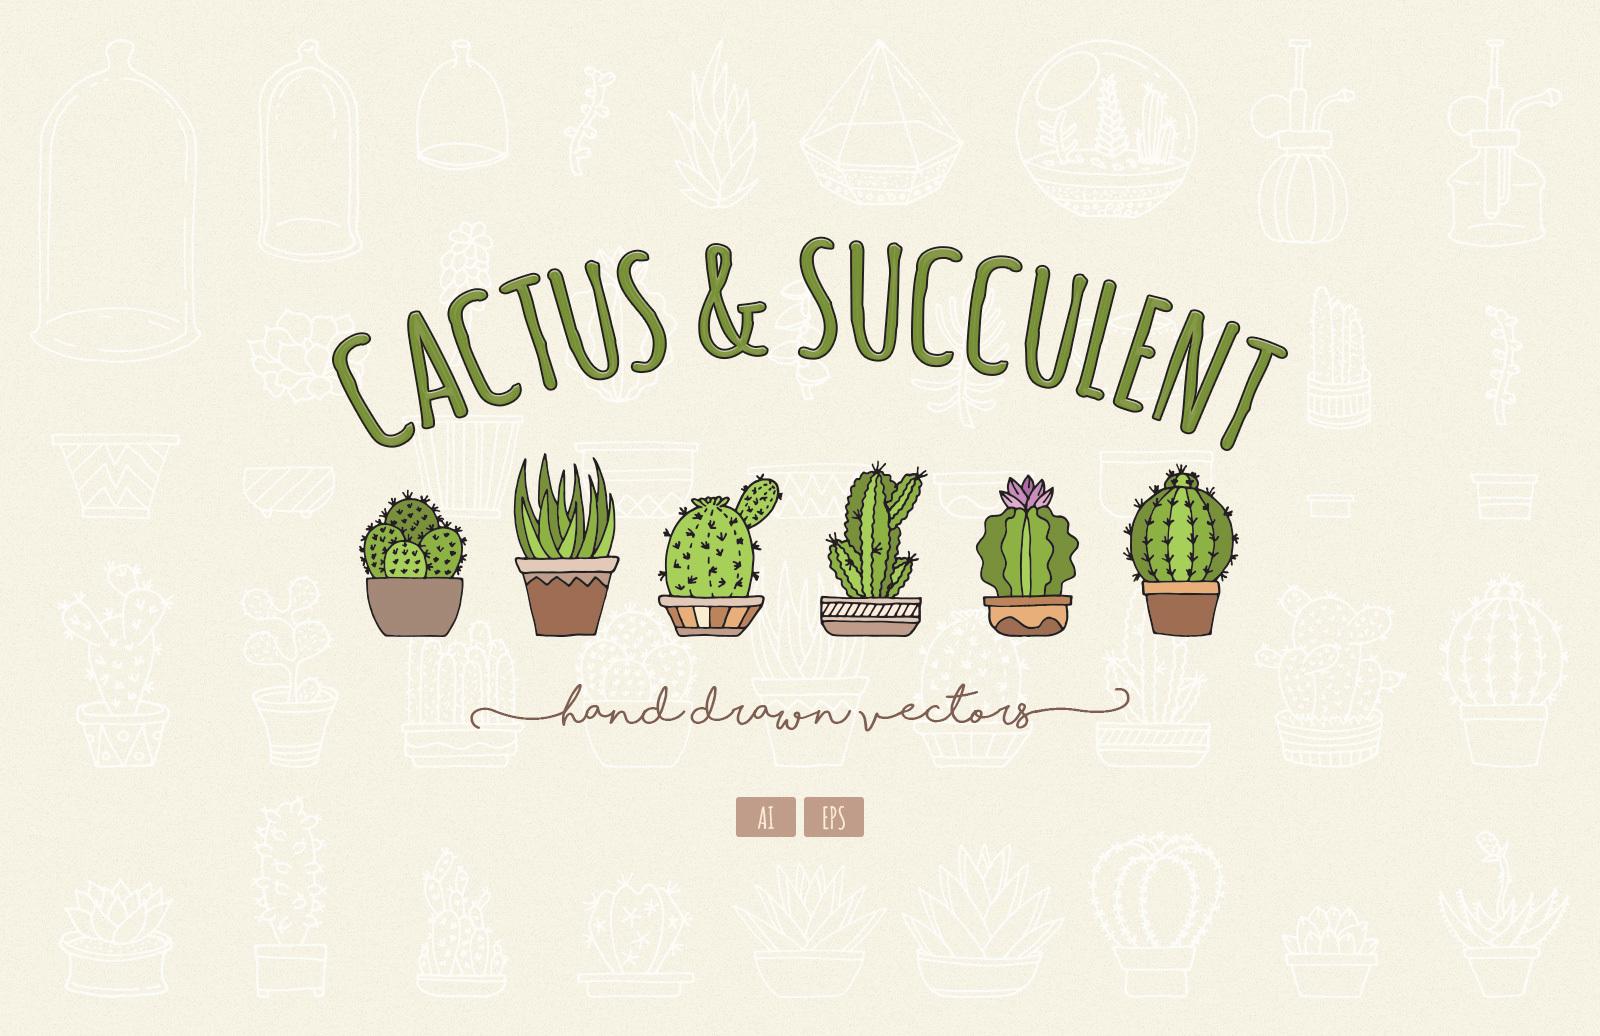 Hand Drawn Cactus & Succulent Vectors